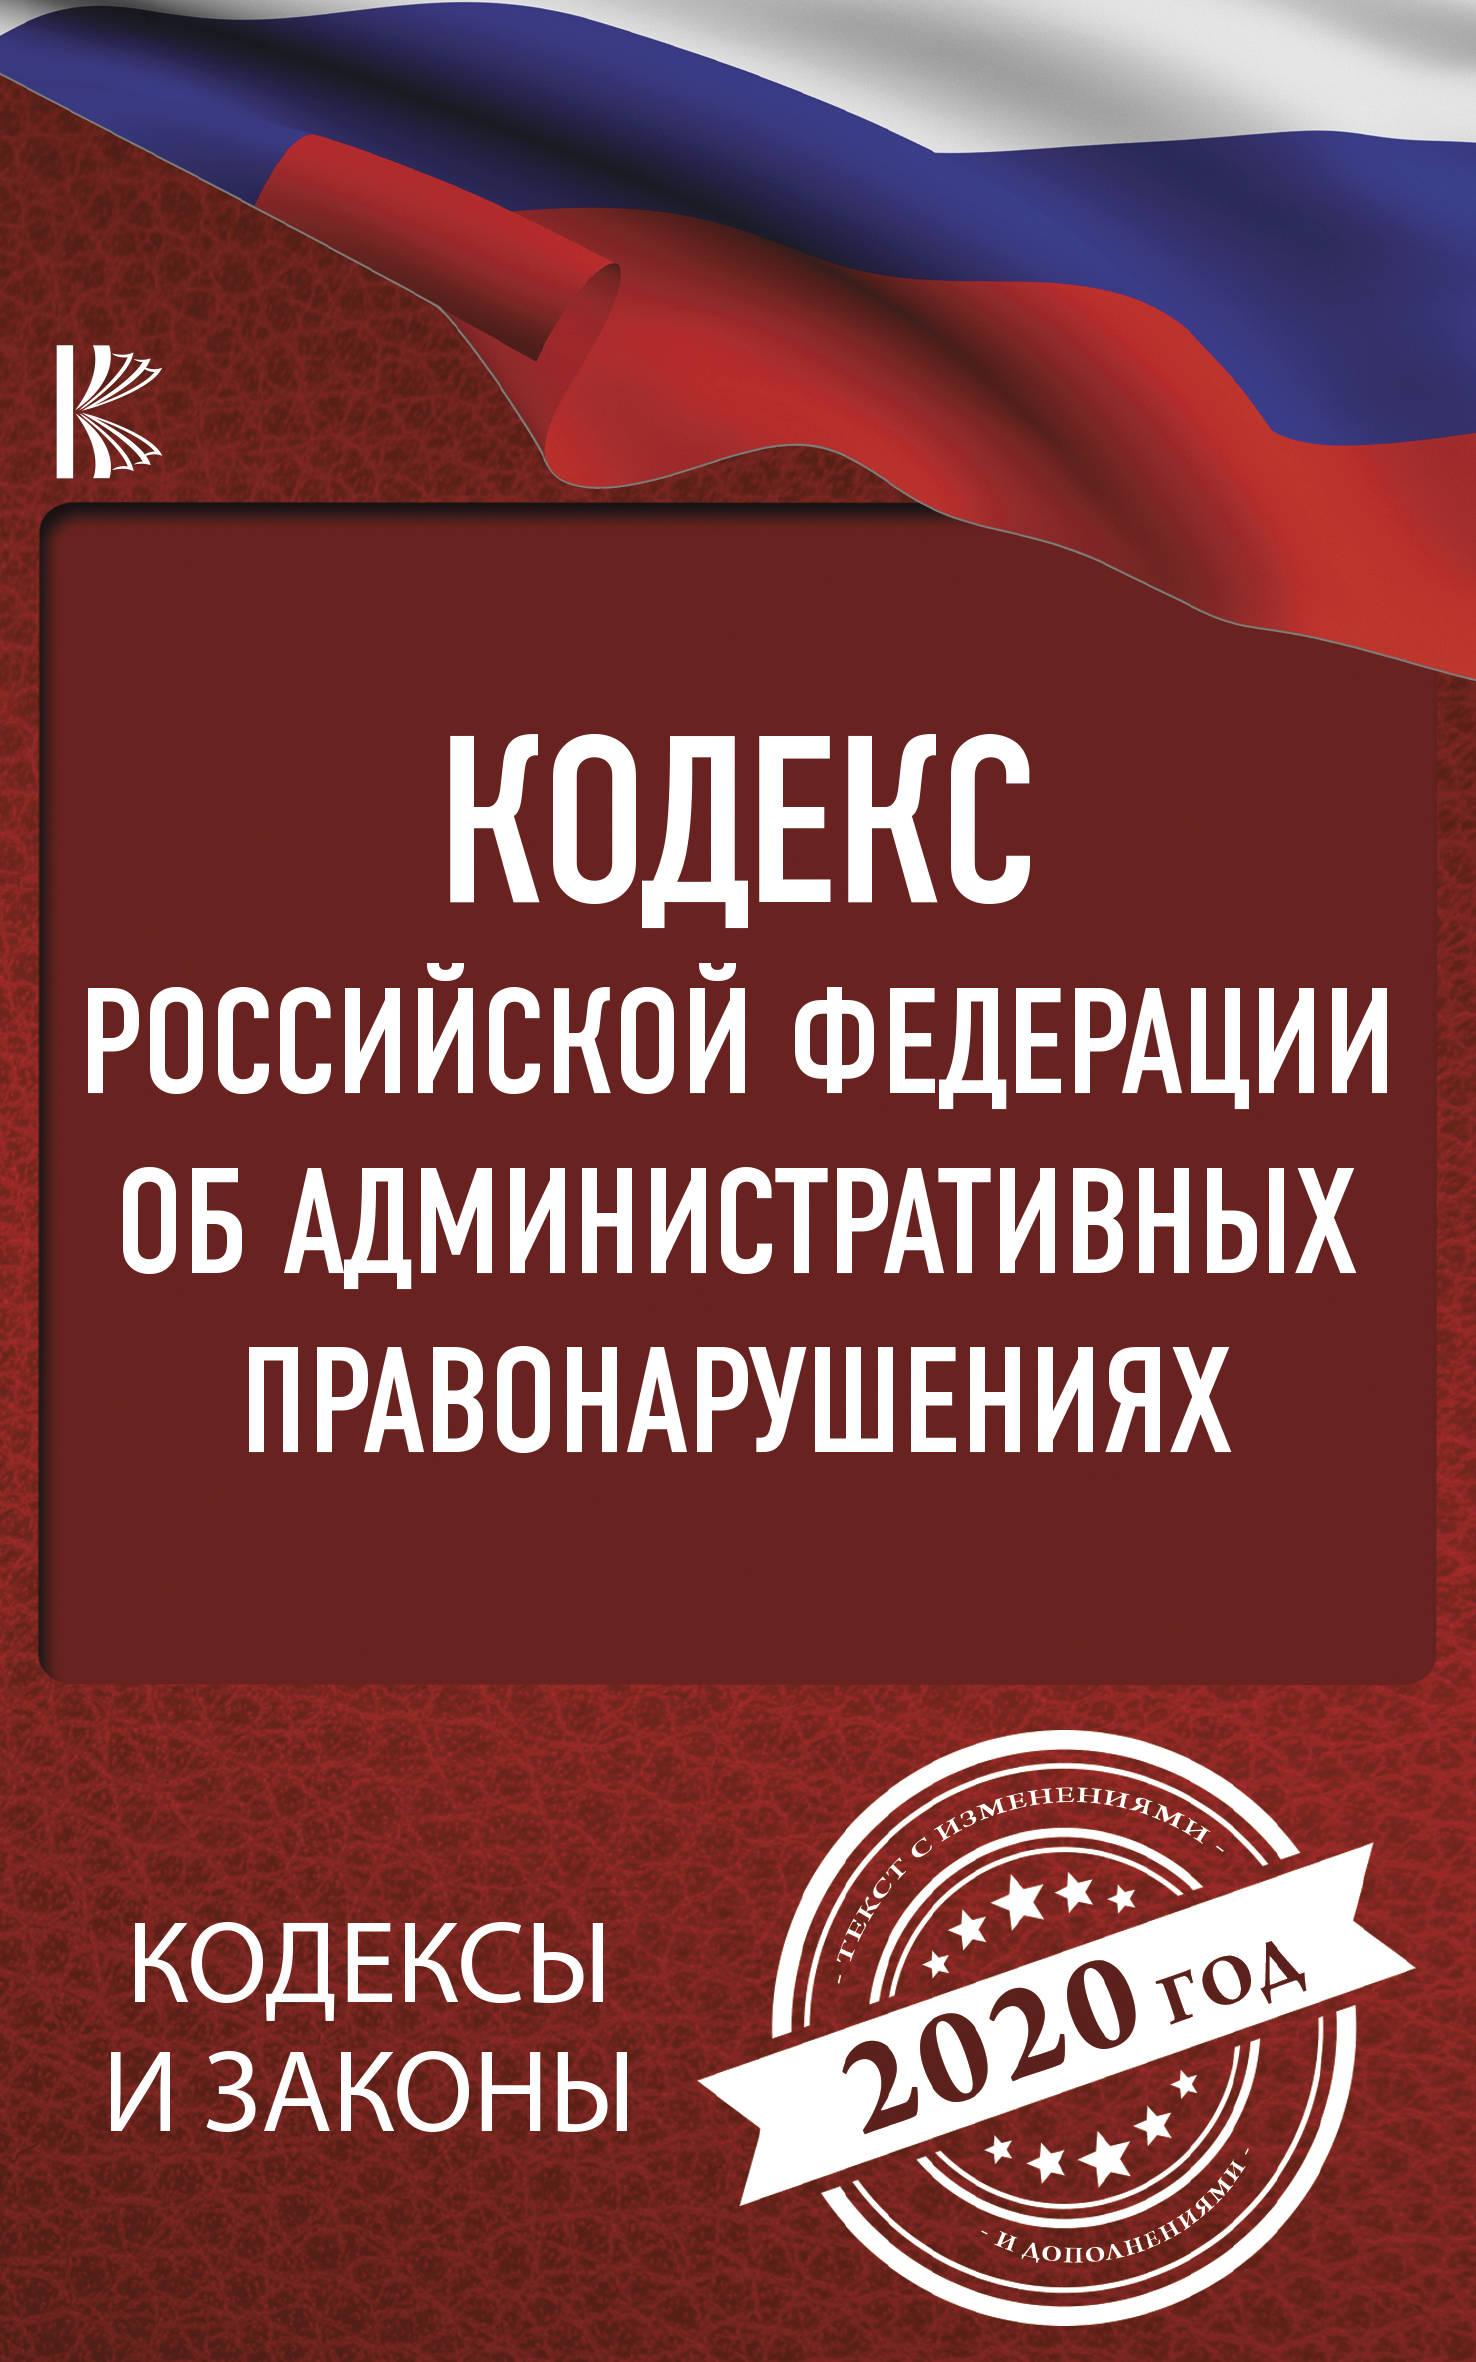 Kodeks Rossijskoj Federatsii ob administrativnykh pravonarushenijakh na 2020 god